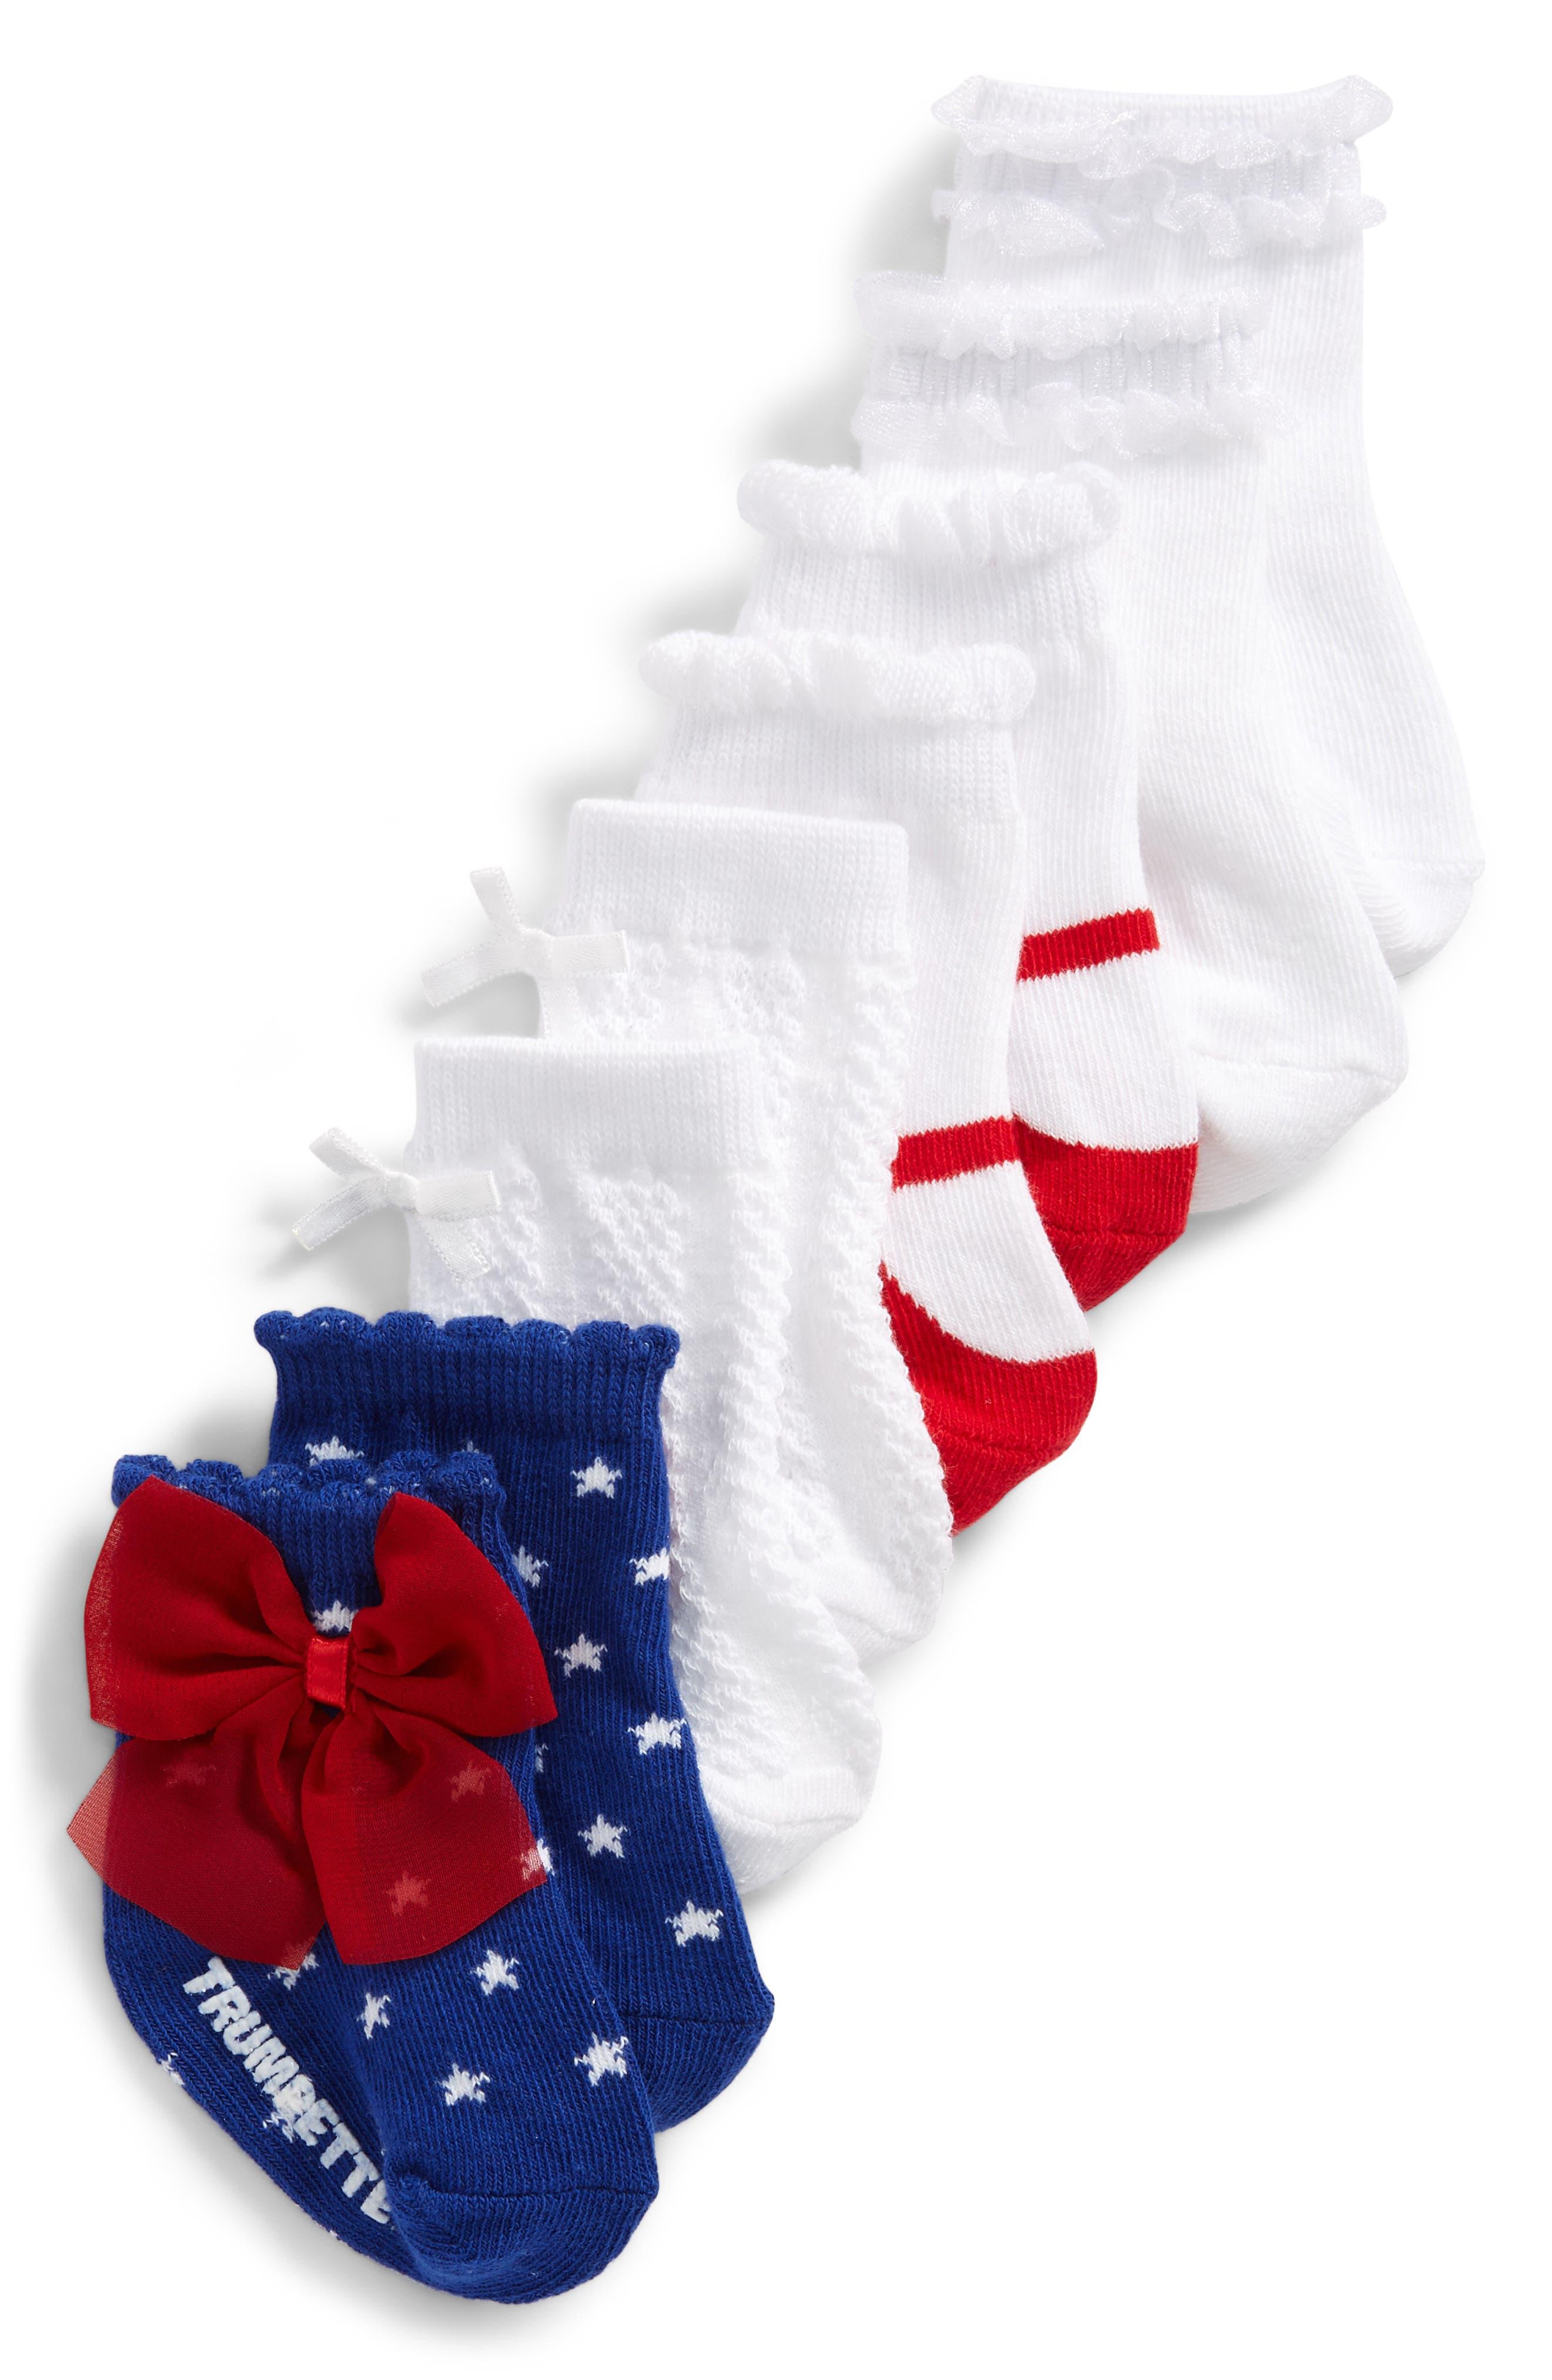 Alternate Image 1 Selected - Trumpette Jackie 4-Pack Socks (Baby Girls)